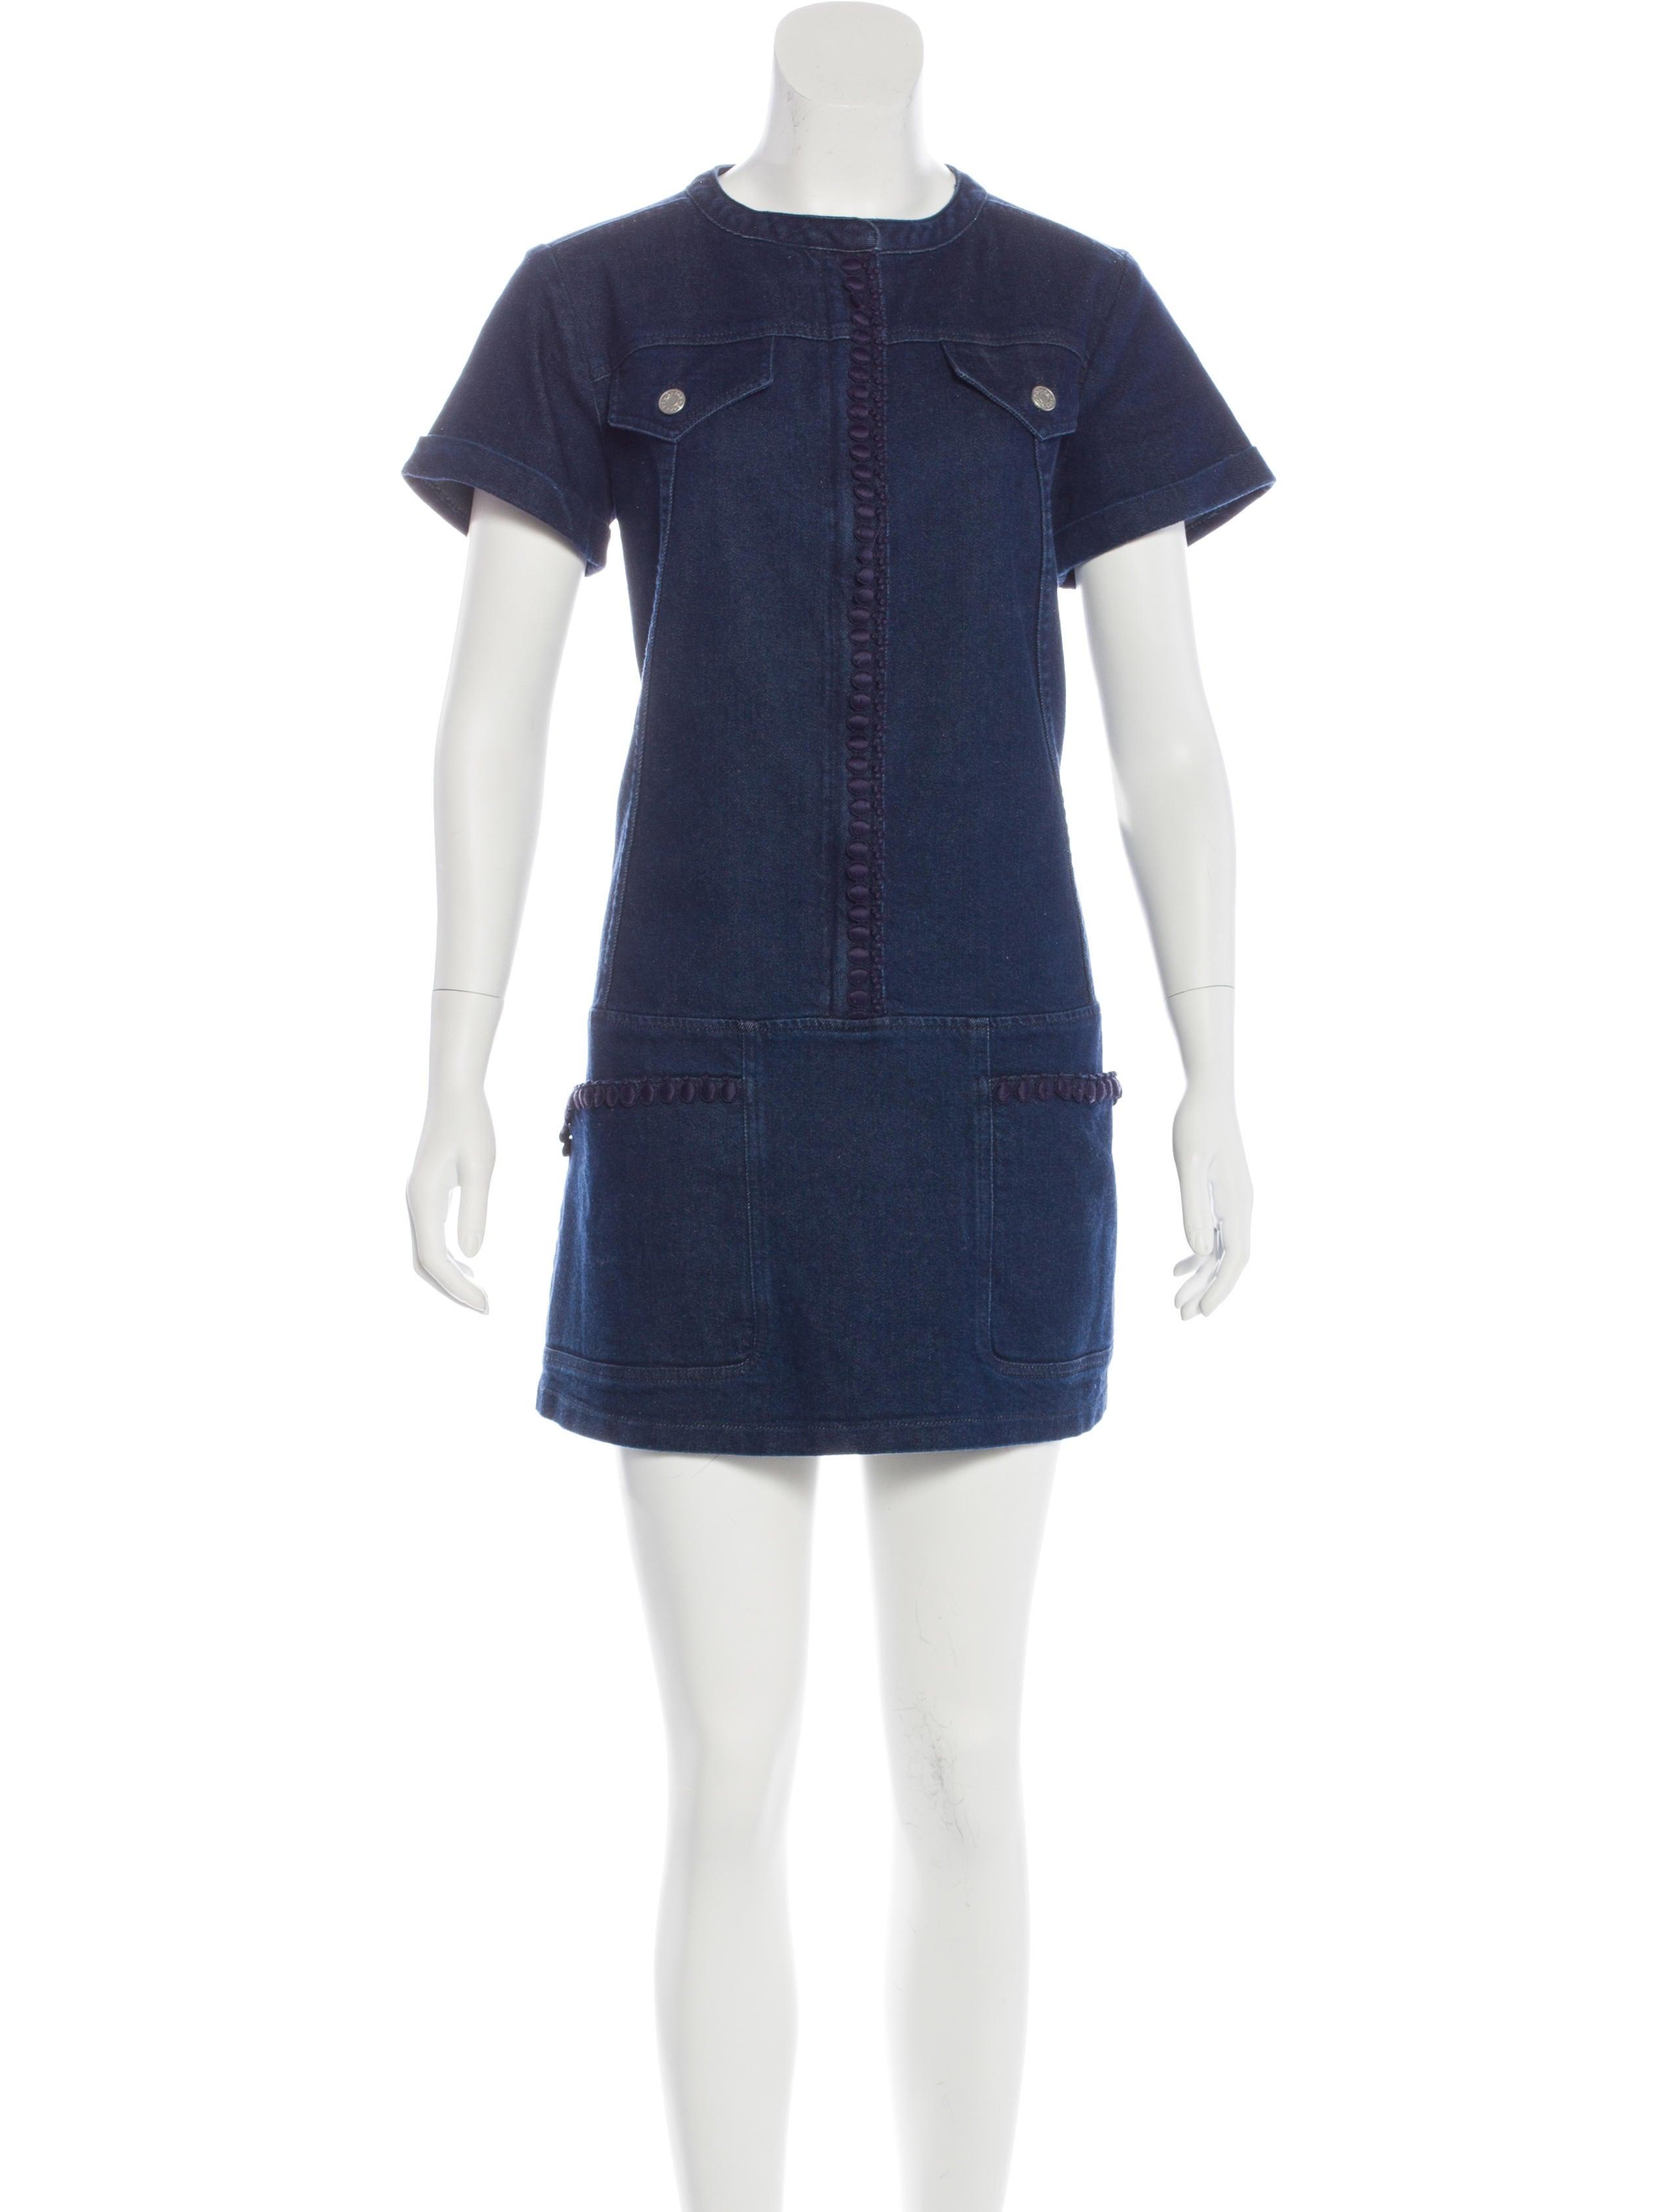 6deb366ee60 See By Chloe Women s Clothing